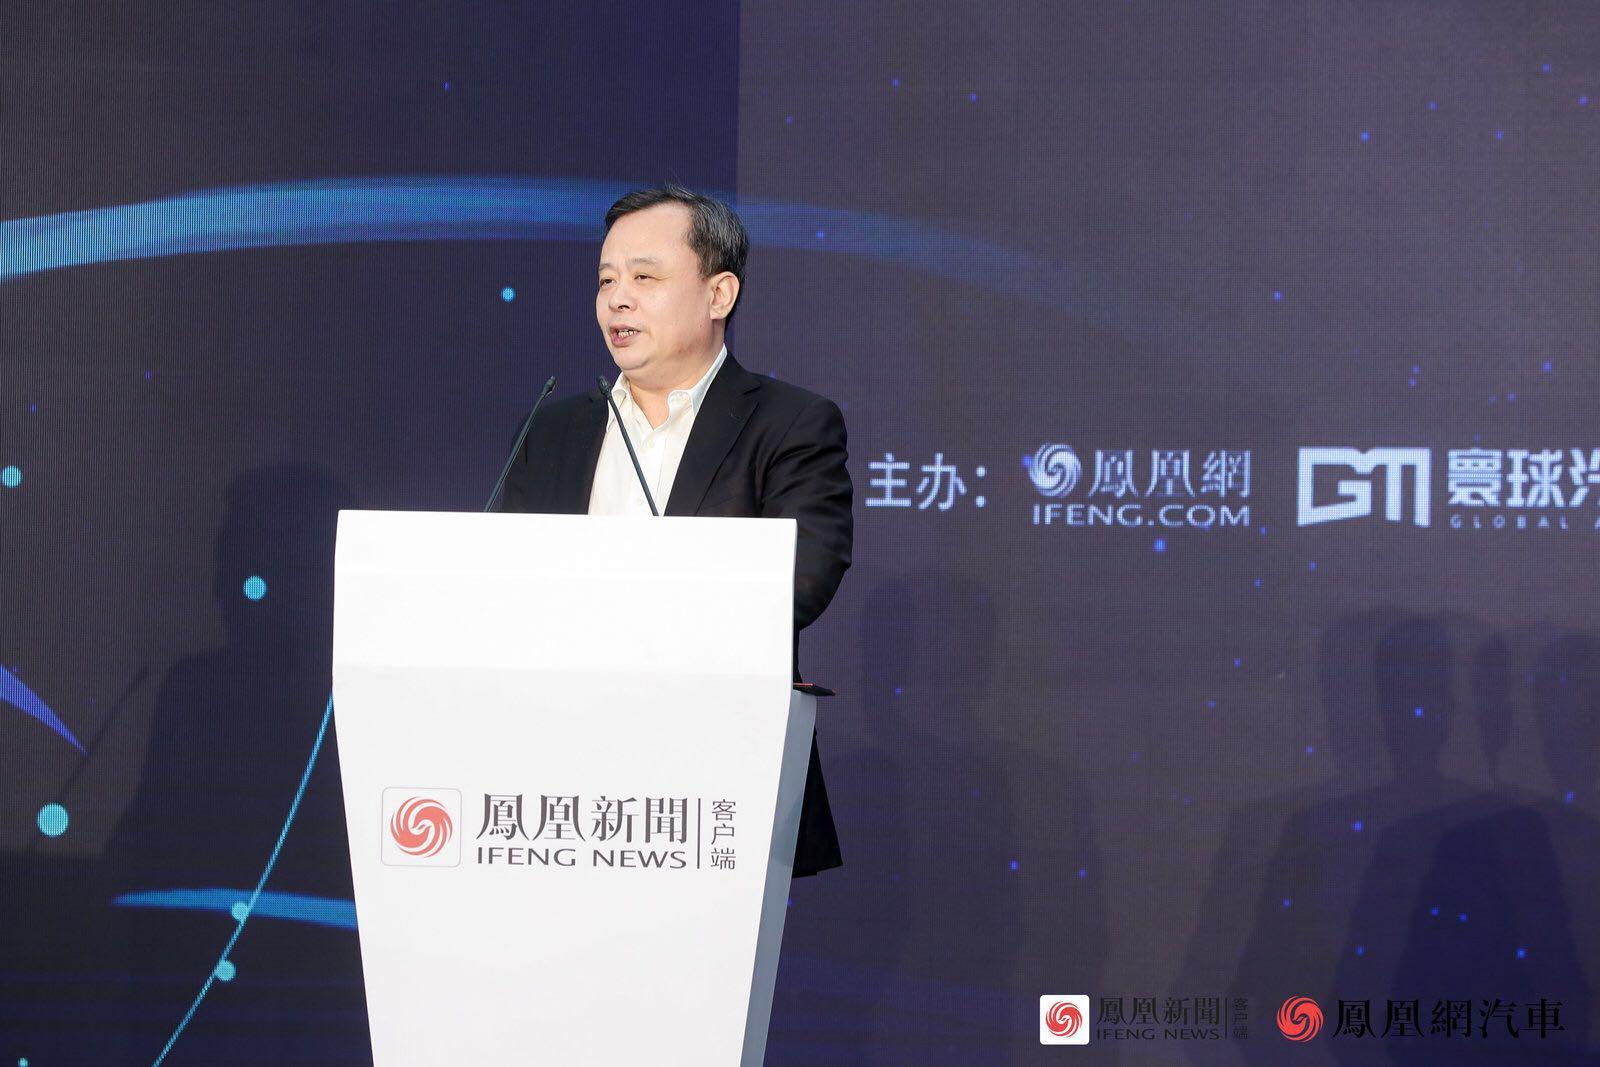 王侠:中国汽车市场竞争已从换道抢位转向长跑定位